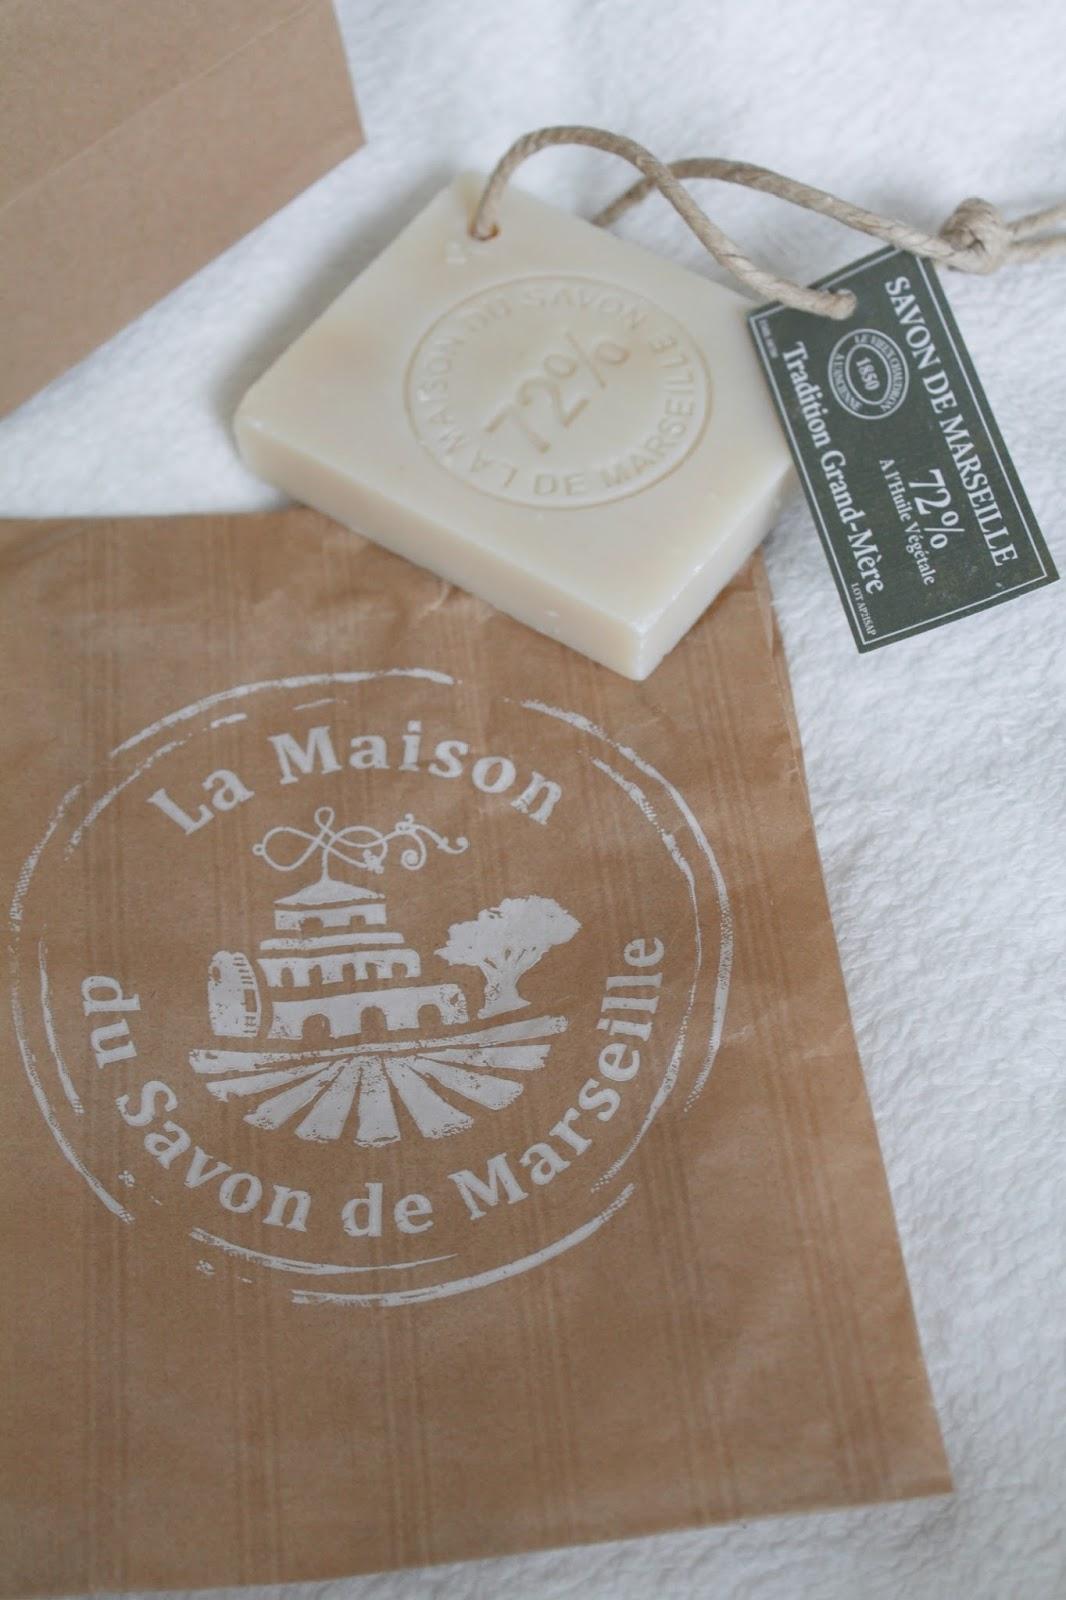 Sarkan Kotona Savon De Marseille